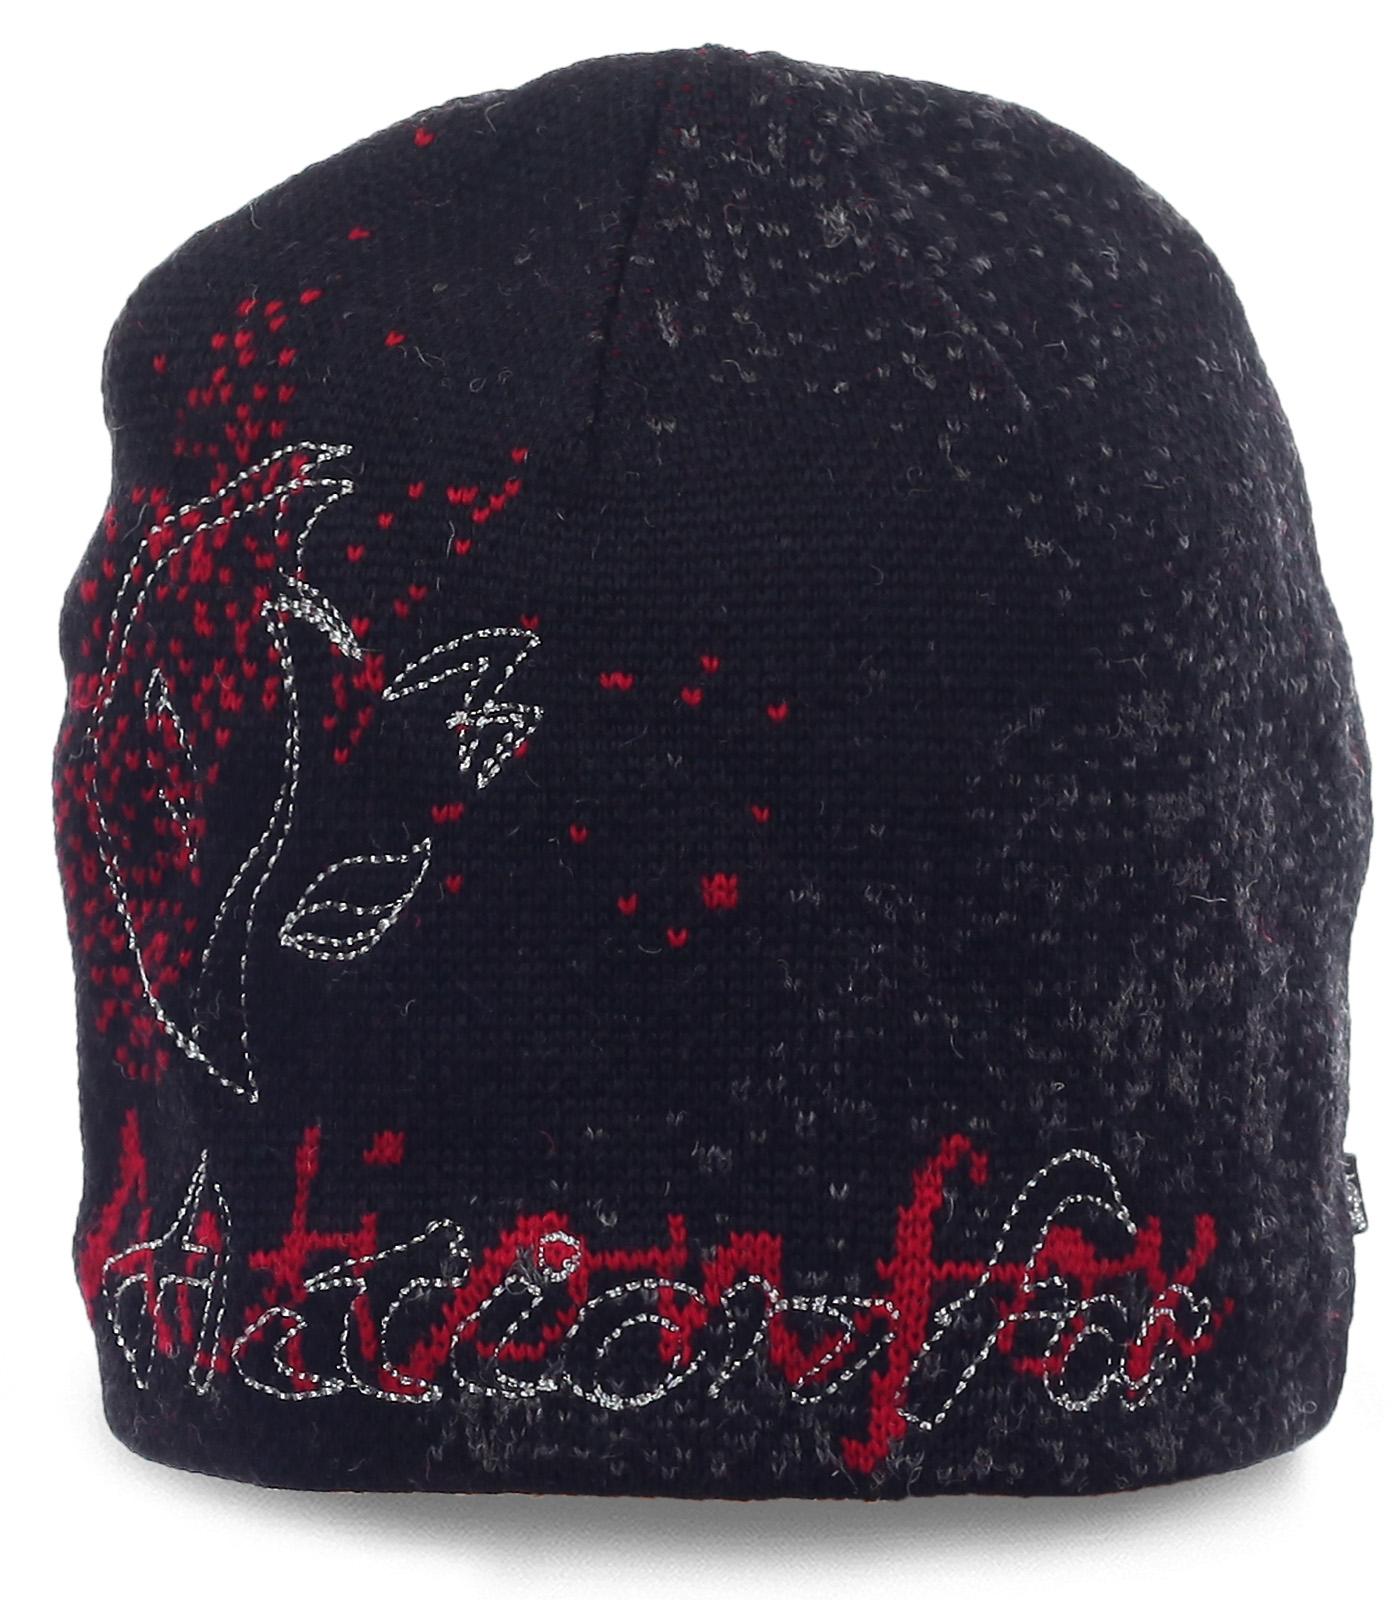 Модная шапка Action на флисе. Комфортная модель для спортивных девушек